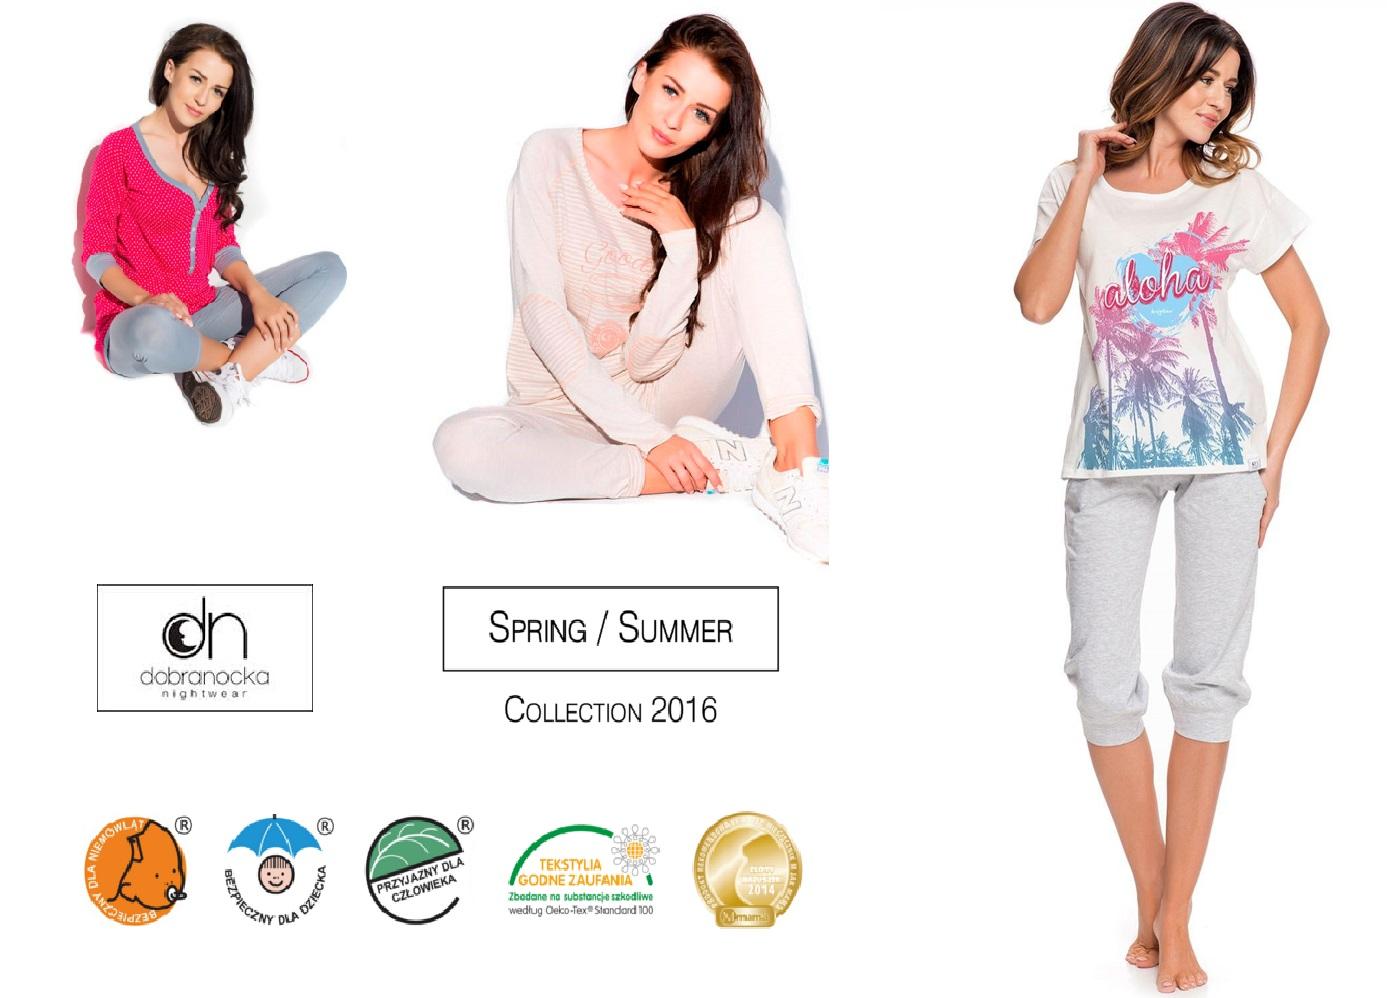 Женские пижамы хлопок DobraNocka купить интернет-магазин Киев